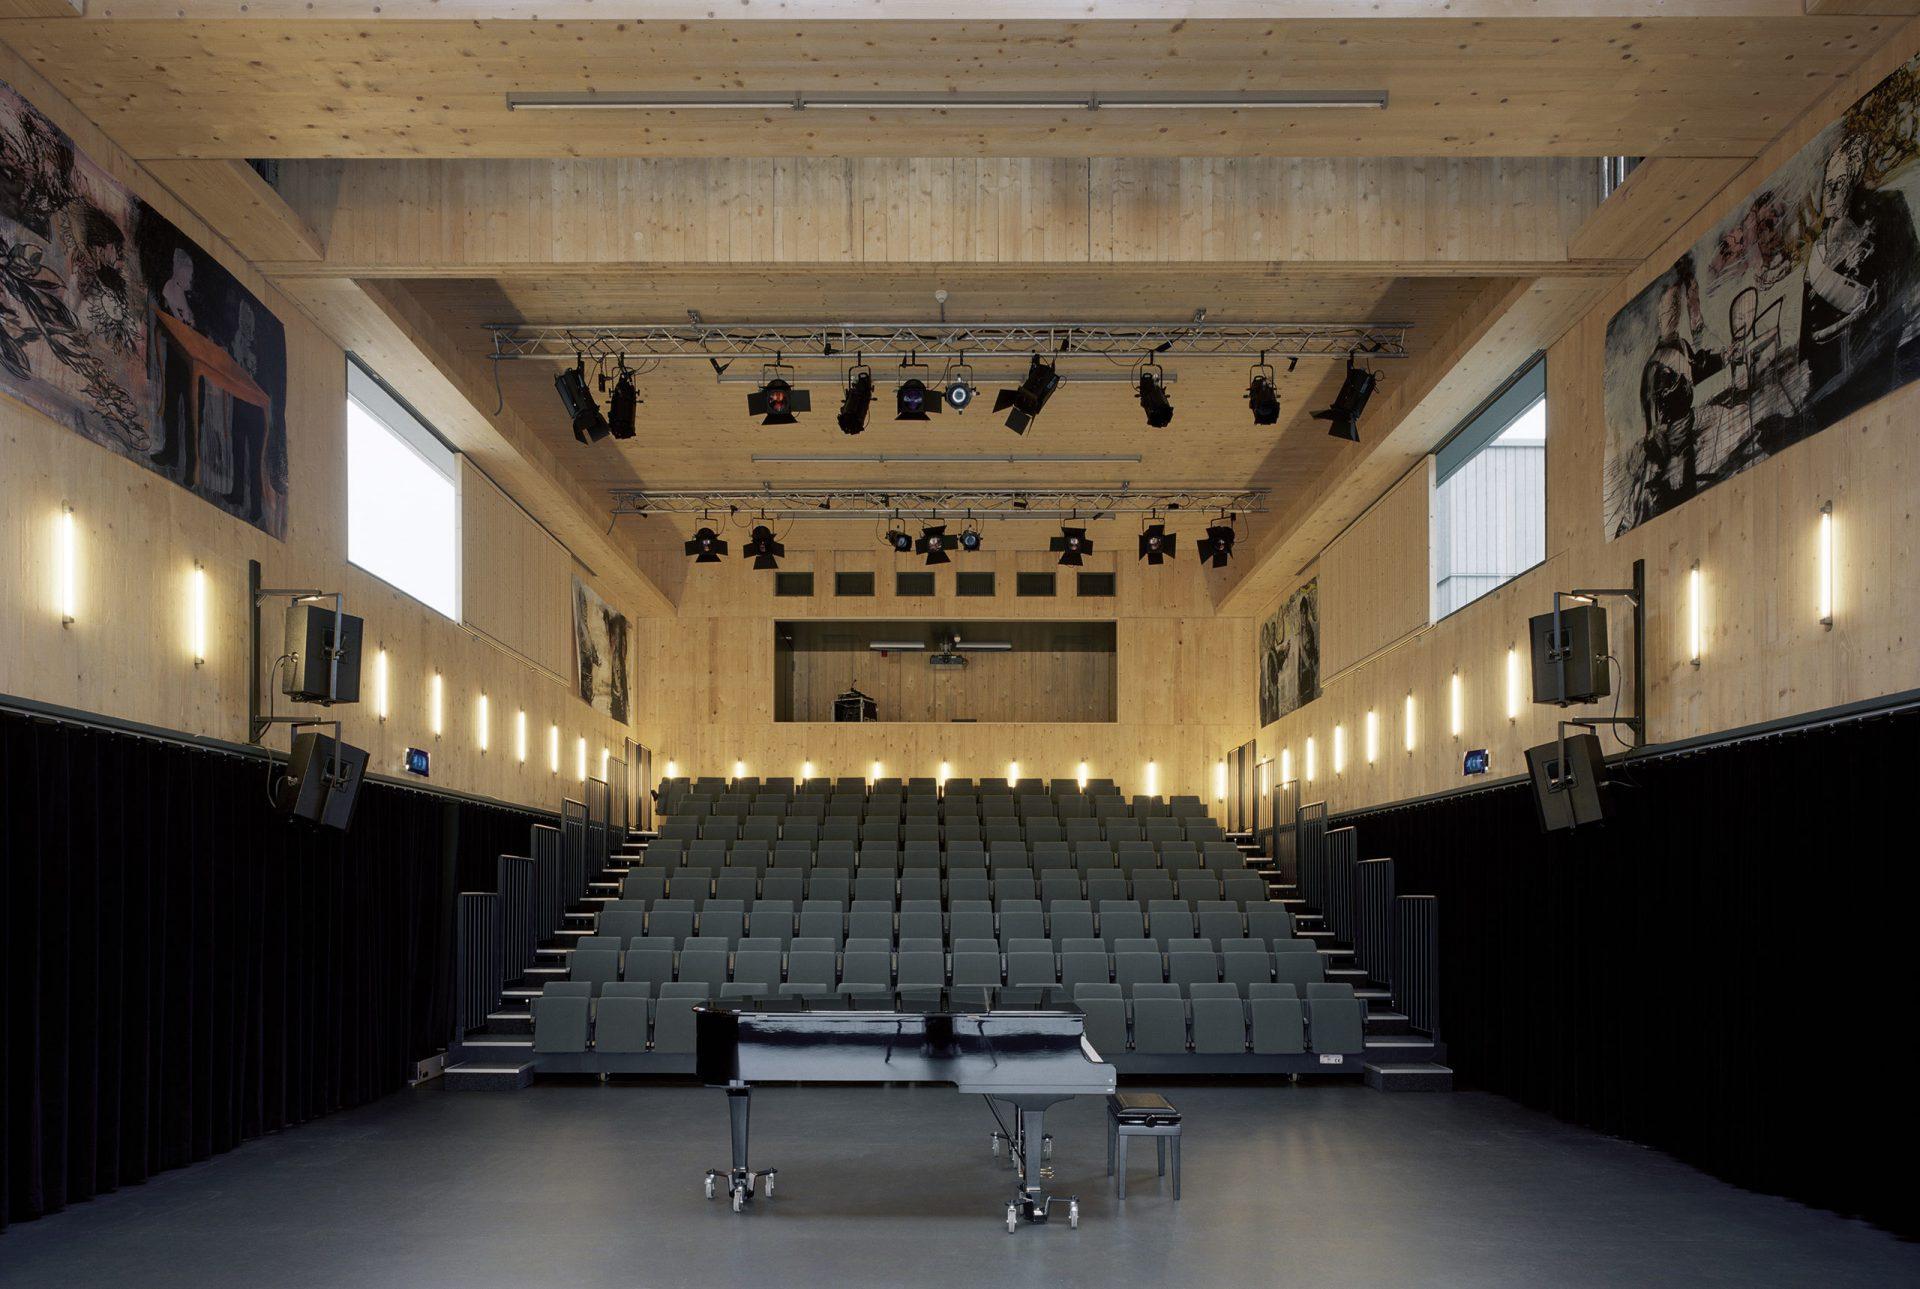 Kamers Auditorium